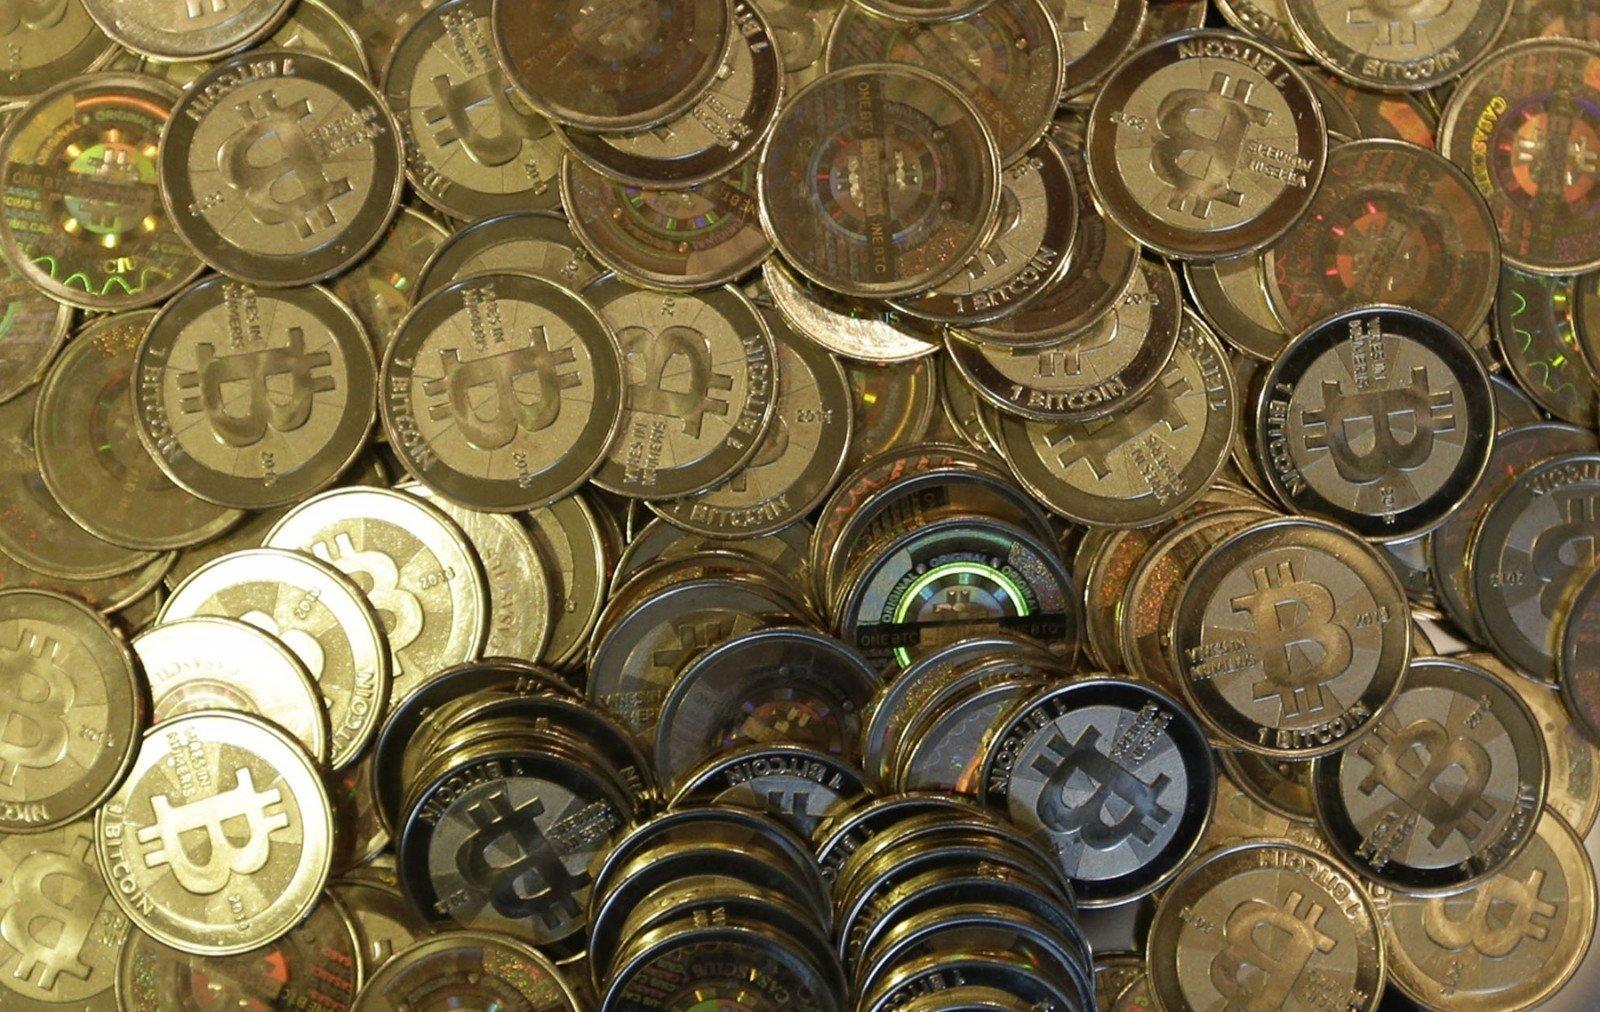 Kas yra bitkoinas? - baltasisvoras.lt